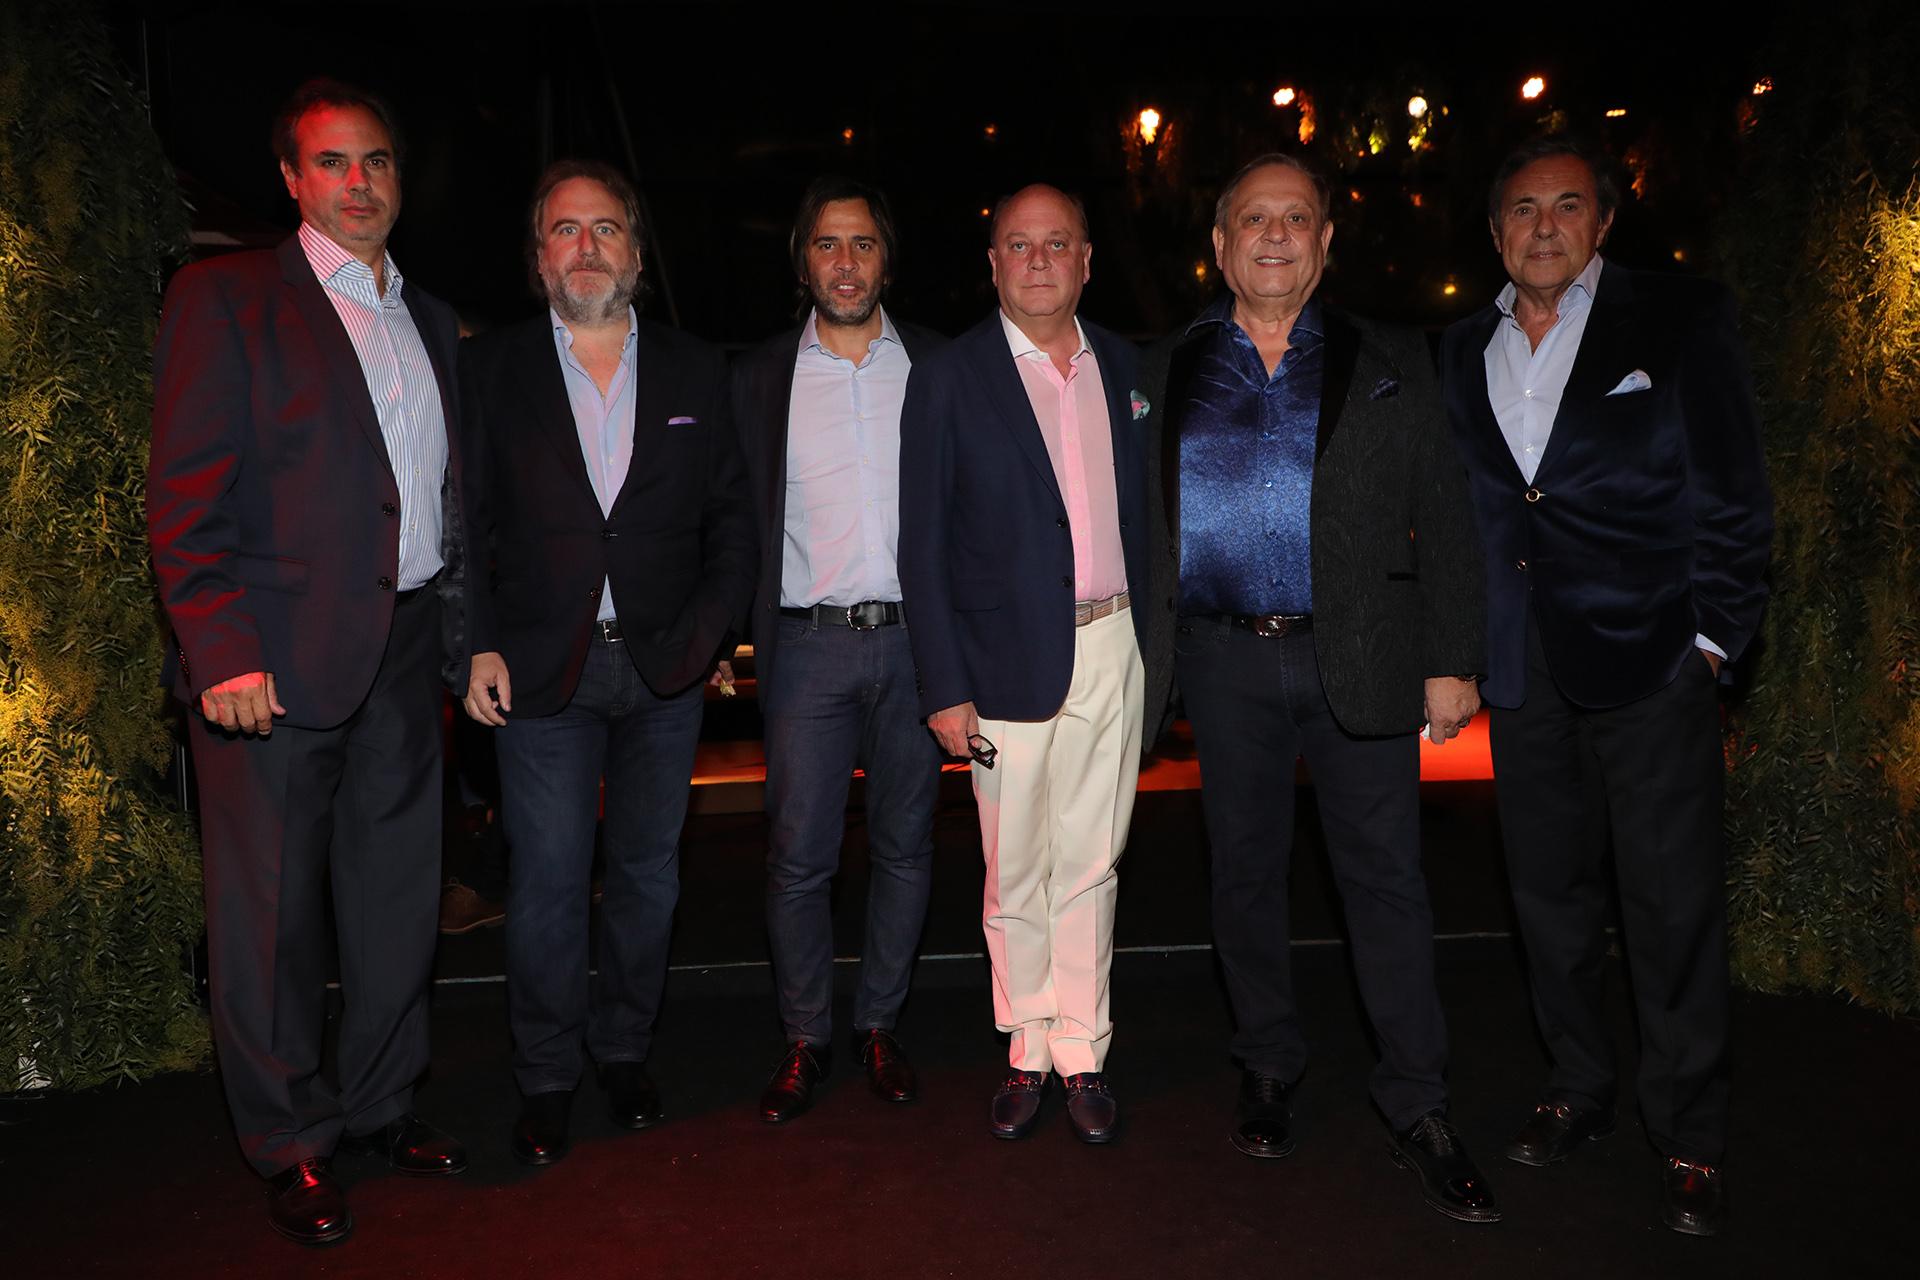 Rodolfo Smith Estrada, Tato Lanusse, Santiago Pando, Martín Cabrales, Néstor Abatidaga y Jorge Sánchez Cordova